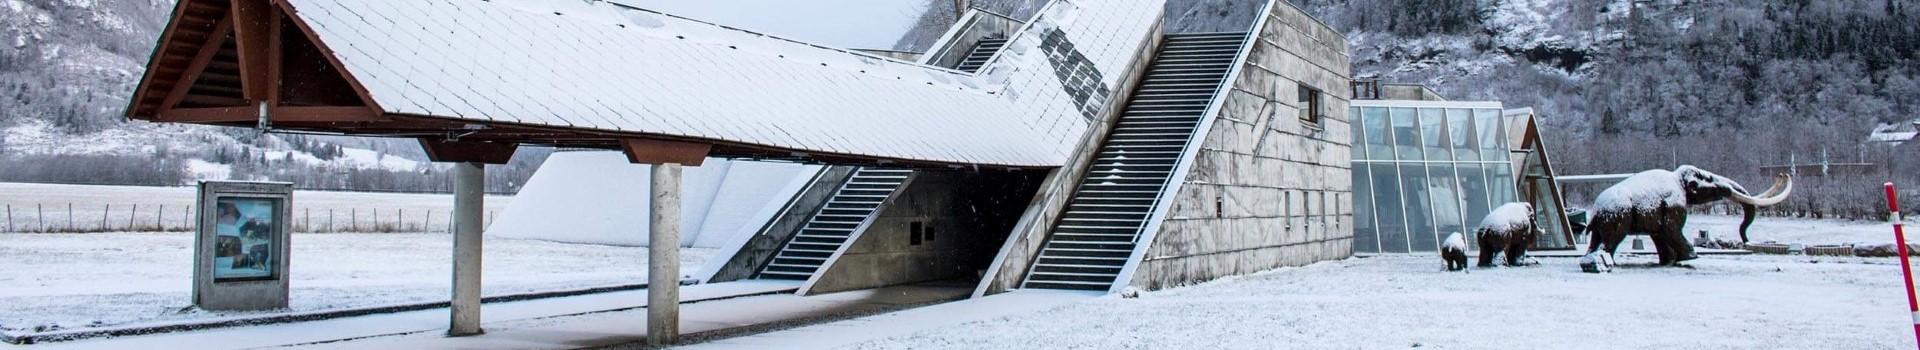 11Museum Fre Norwegen